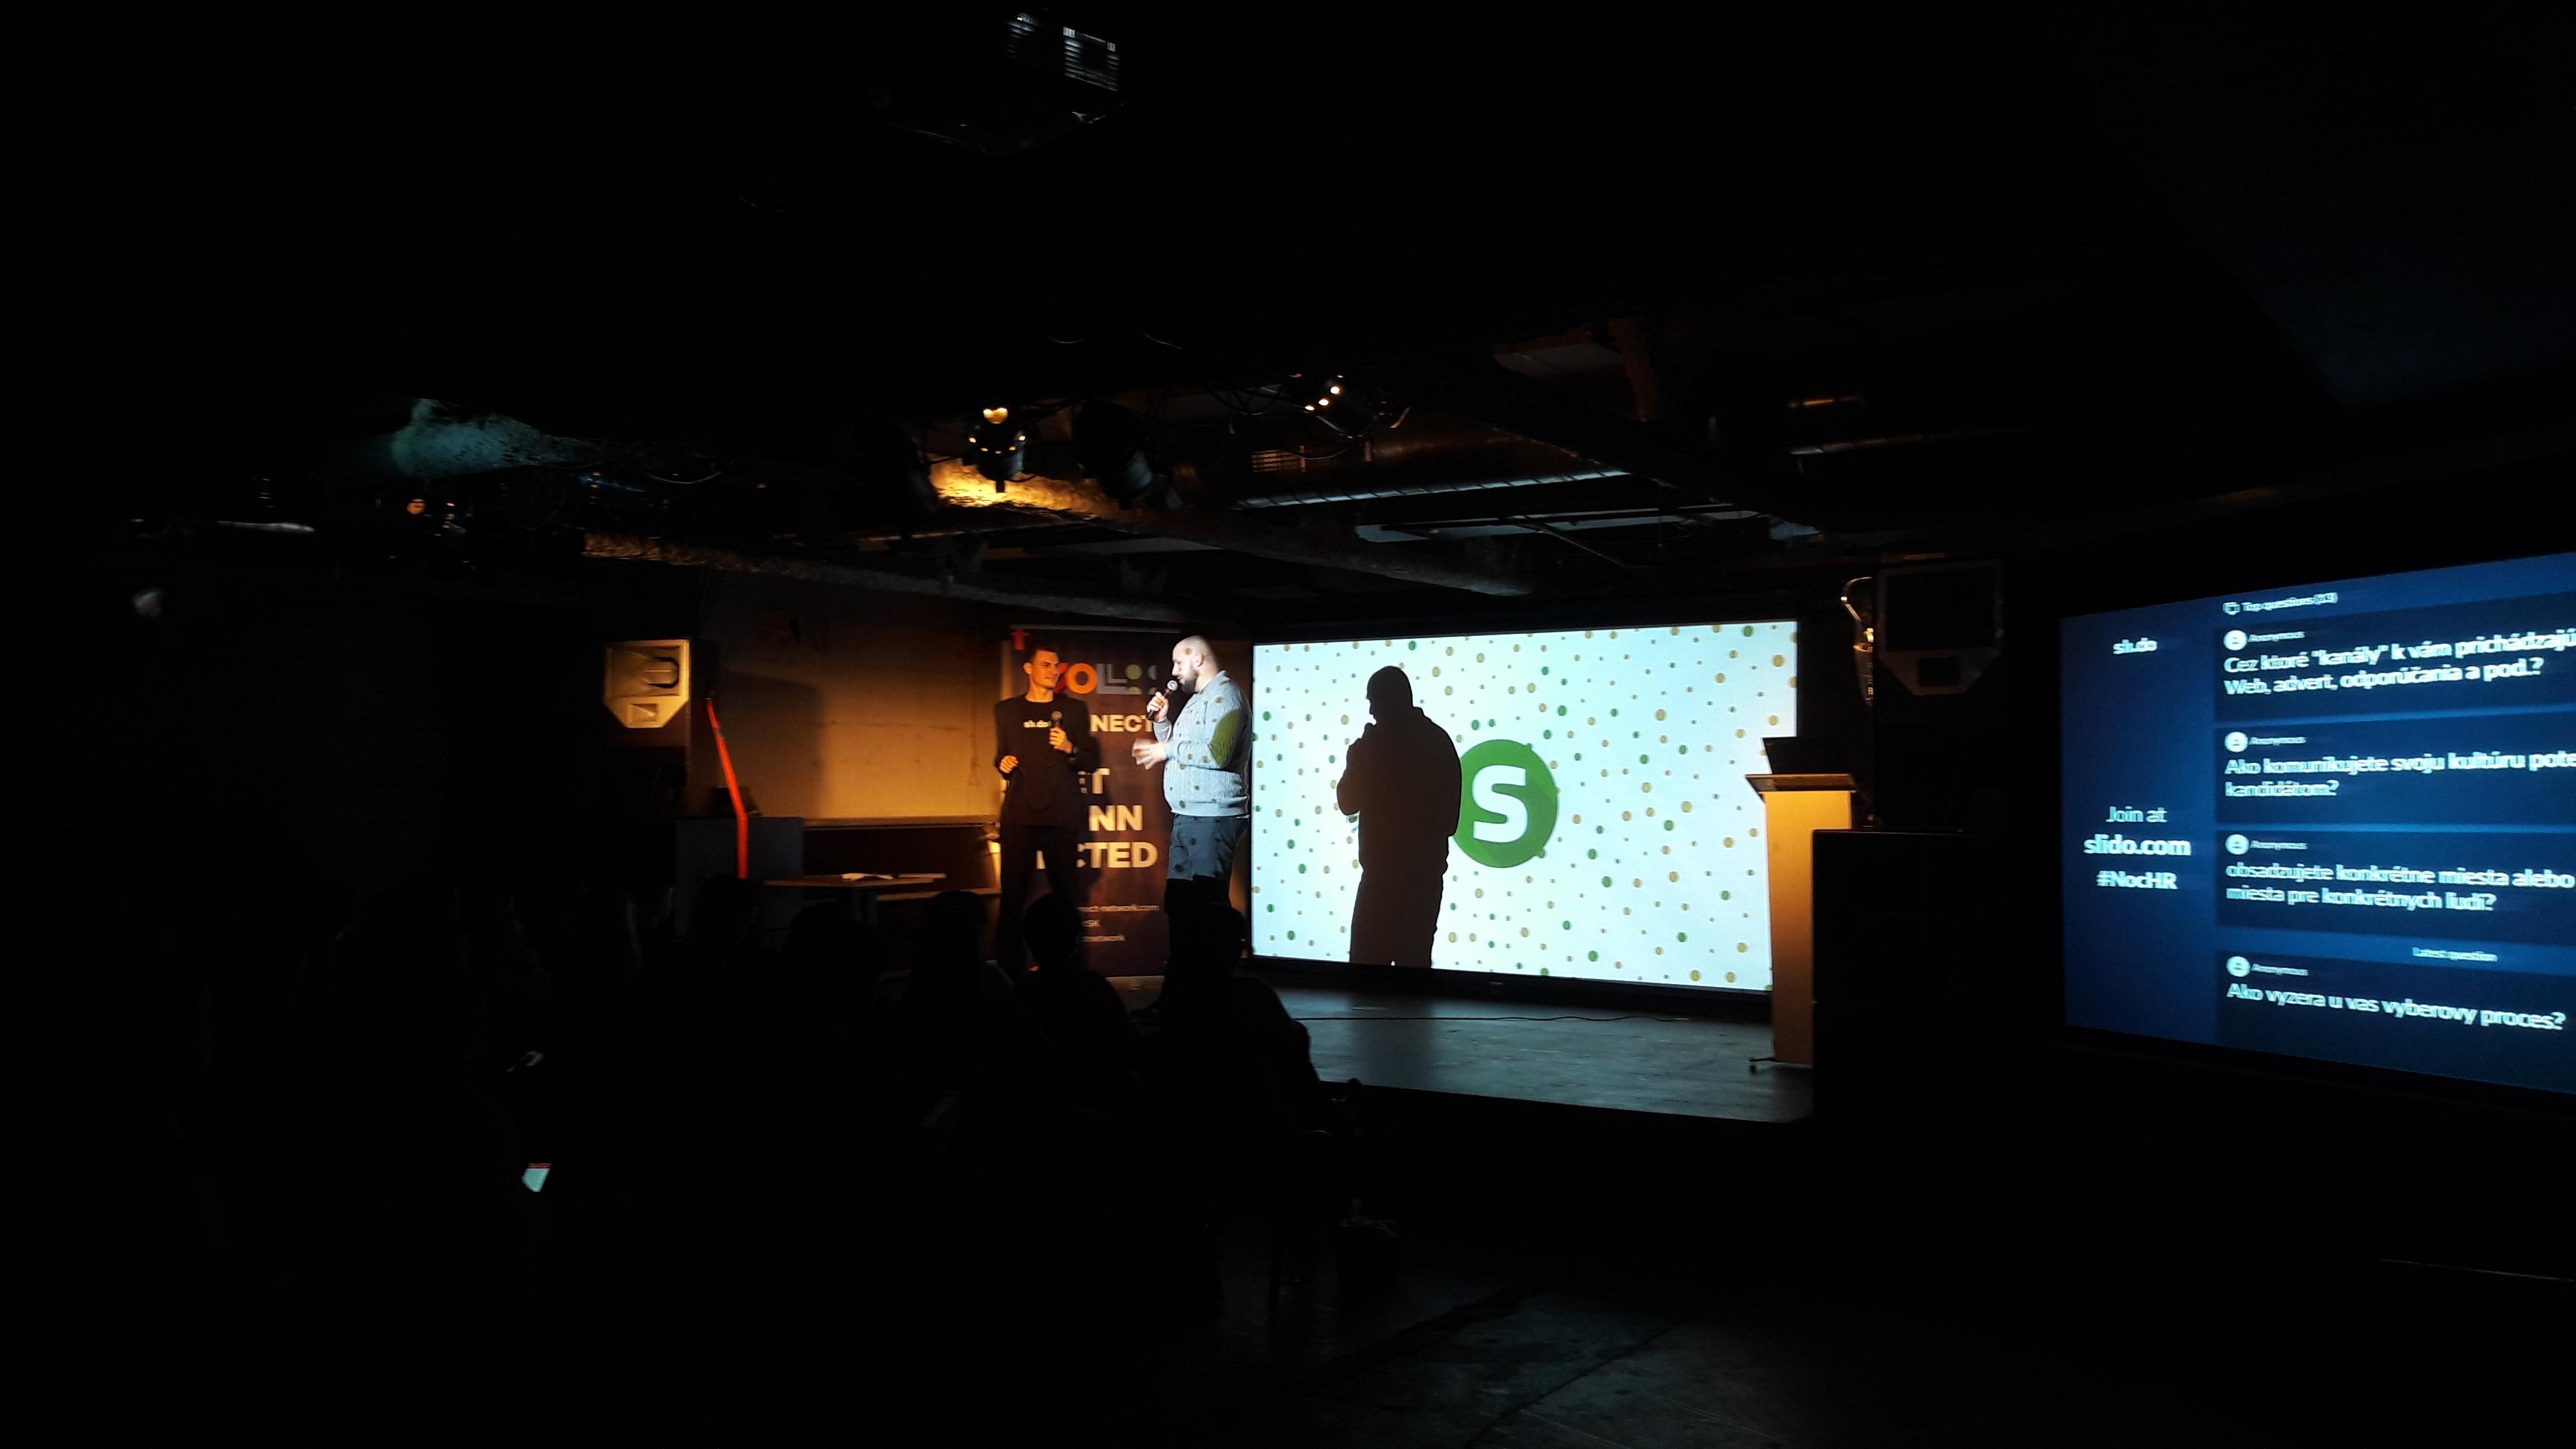 Prezentácie z Noc HR marketingu